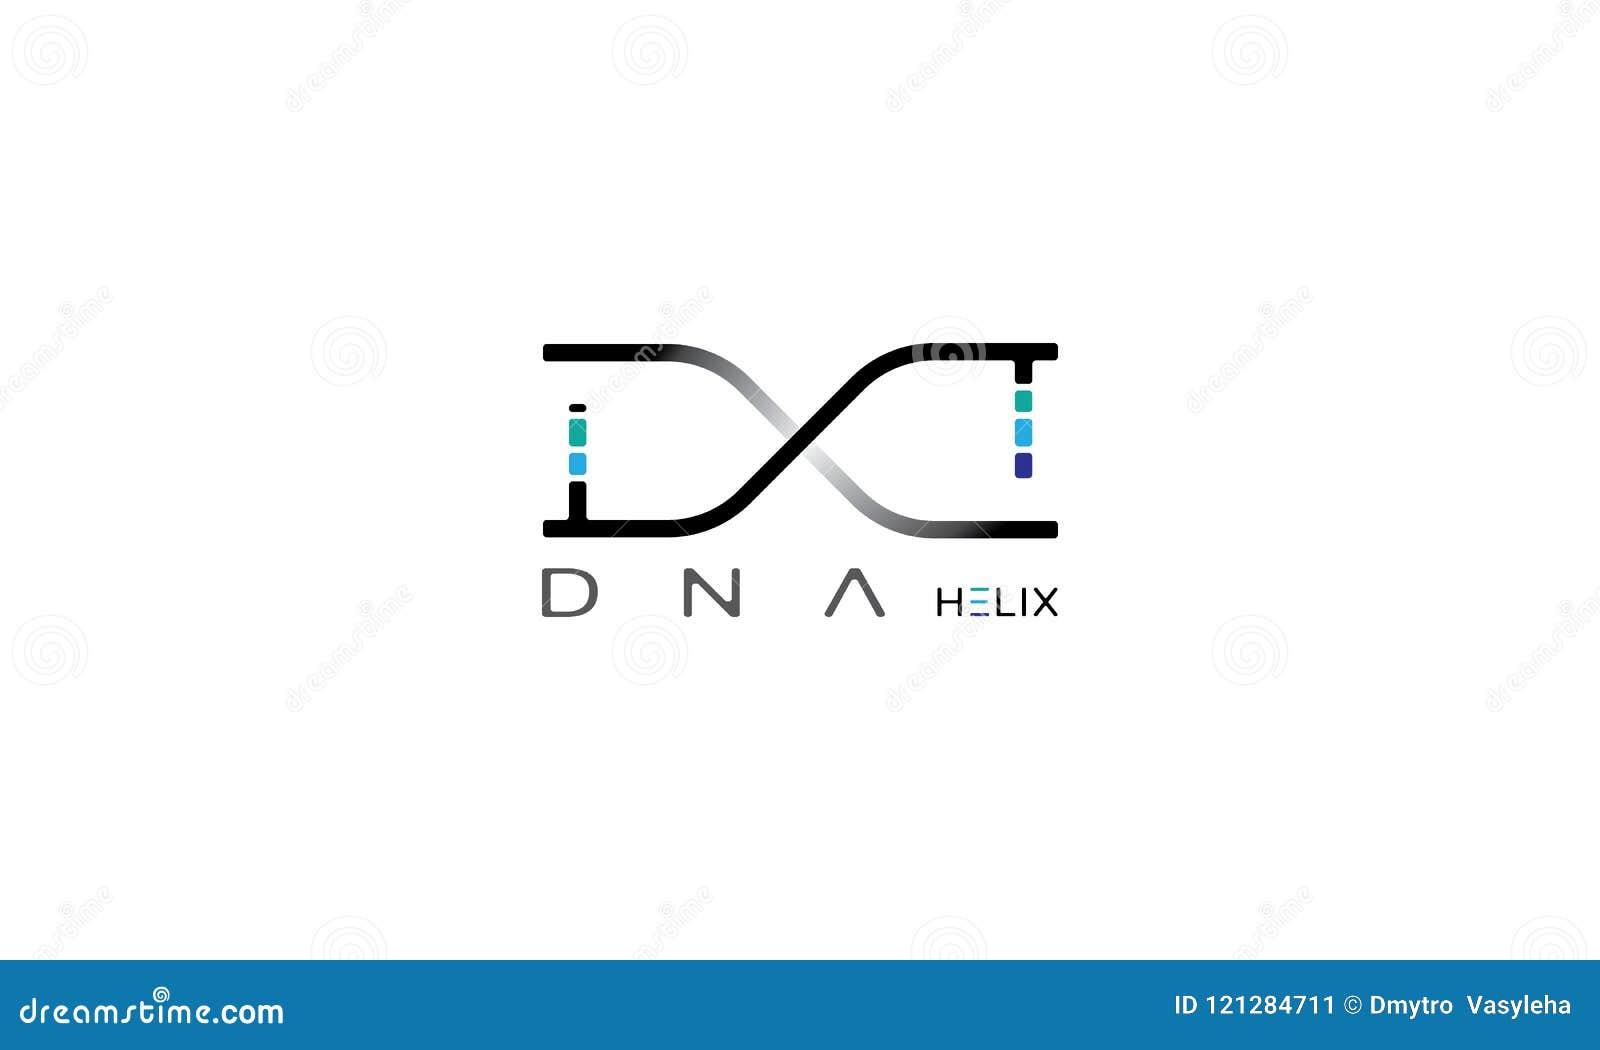 Imagen del vector de la hélice de la DNA